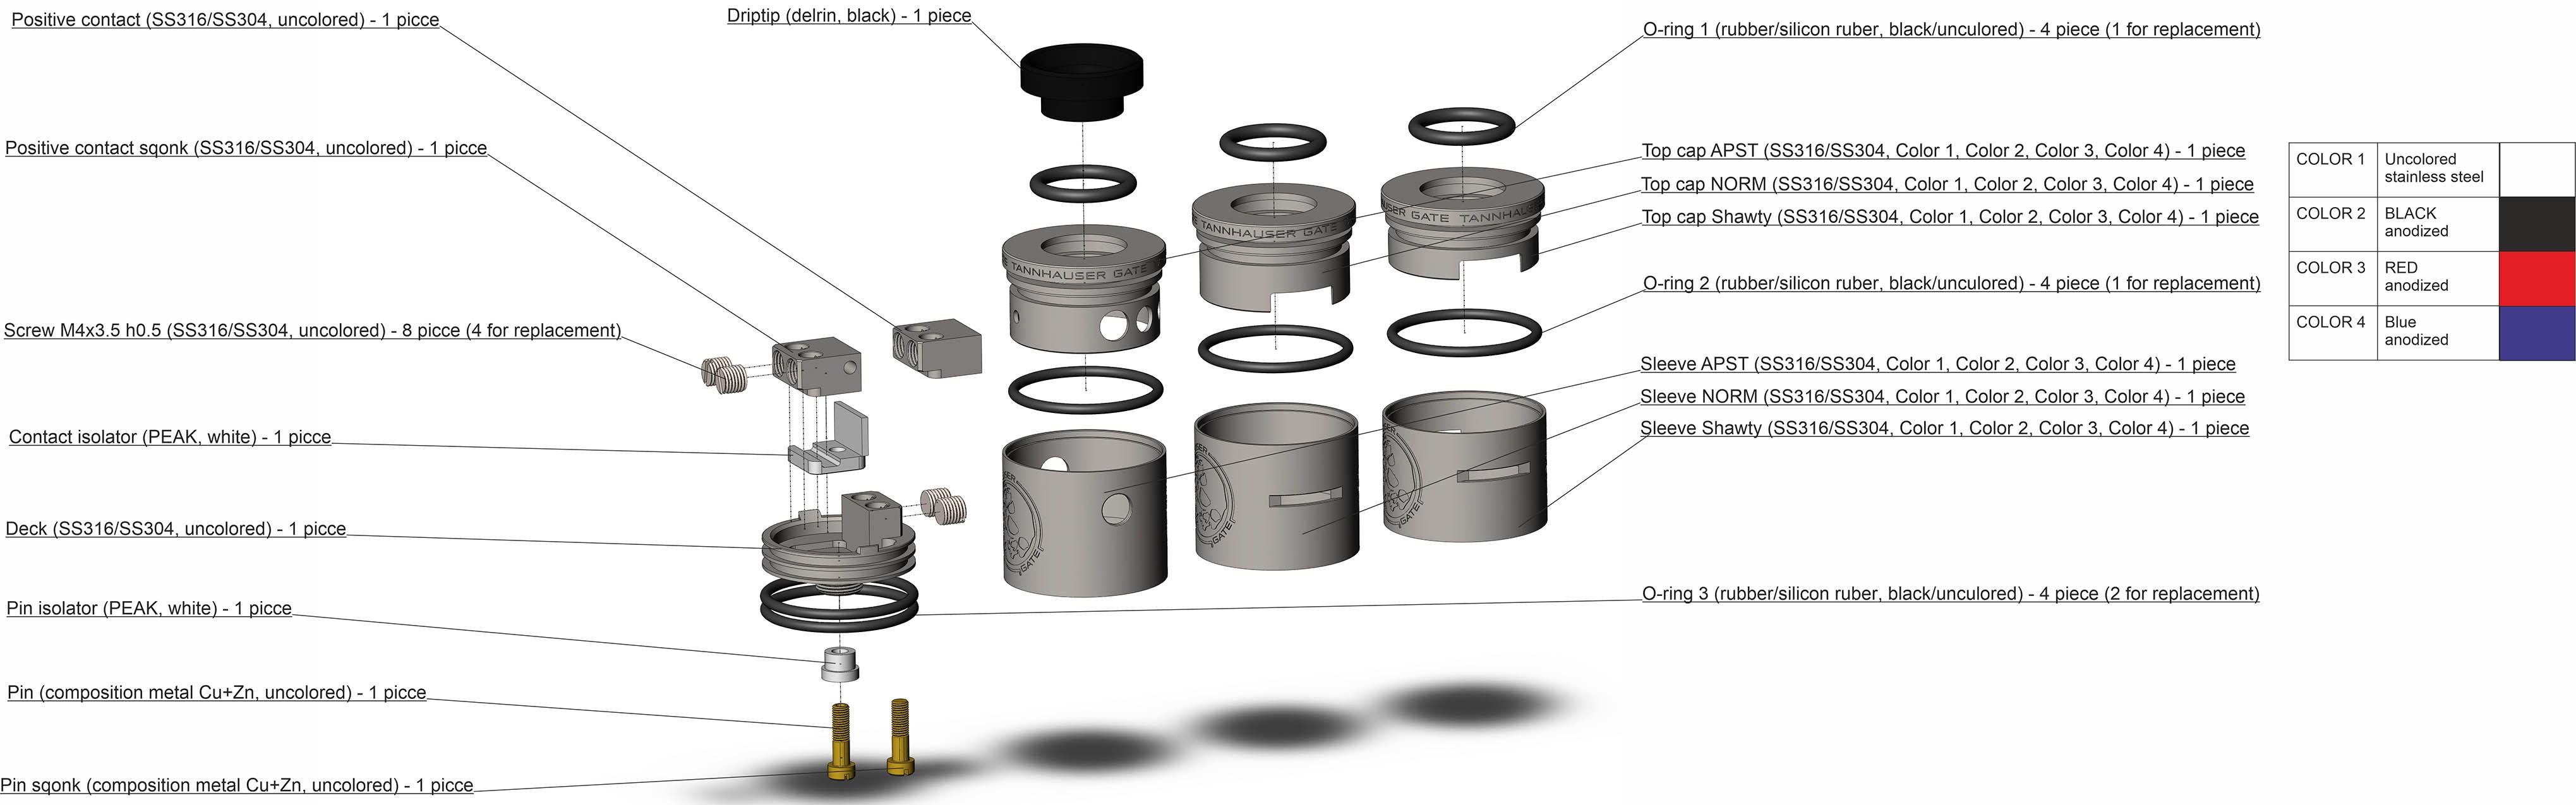 specification-05.jpg